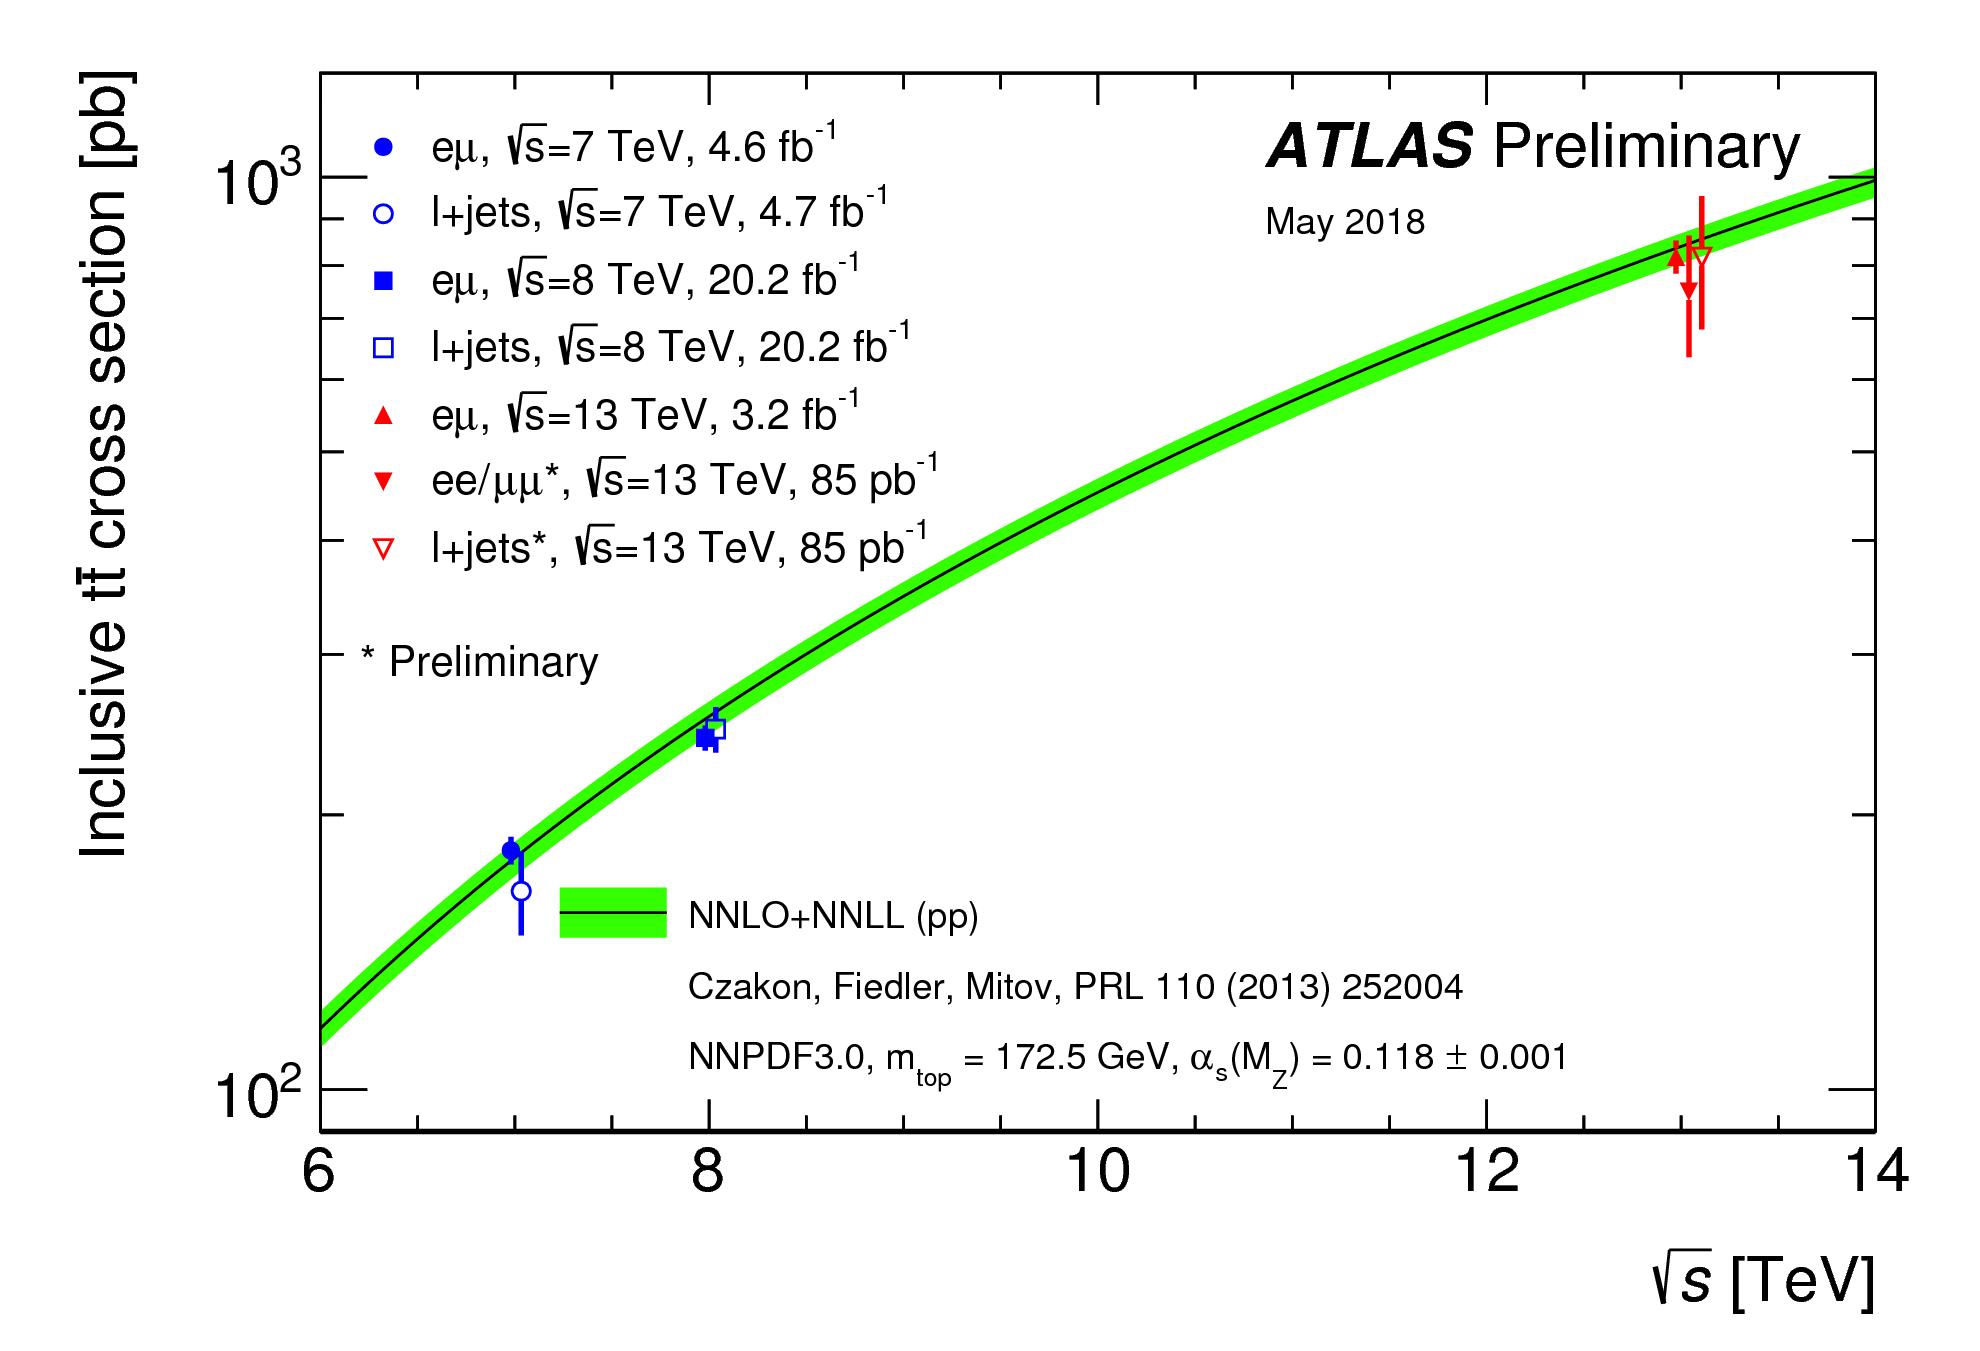 https://atlas.web.cern.ch/Atlas/GROUPS/PHYSICS/CombinedSummaryPlots/TOP/tt_xsec_vsroots_ATLASonly/tt_xsec_vsroots_ATLASonly.png